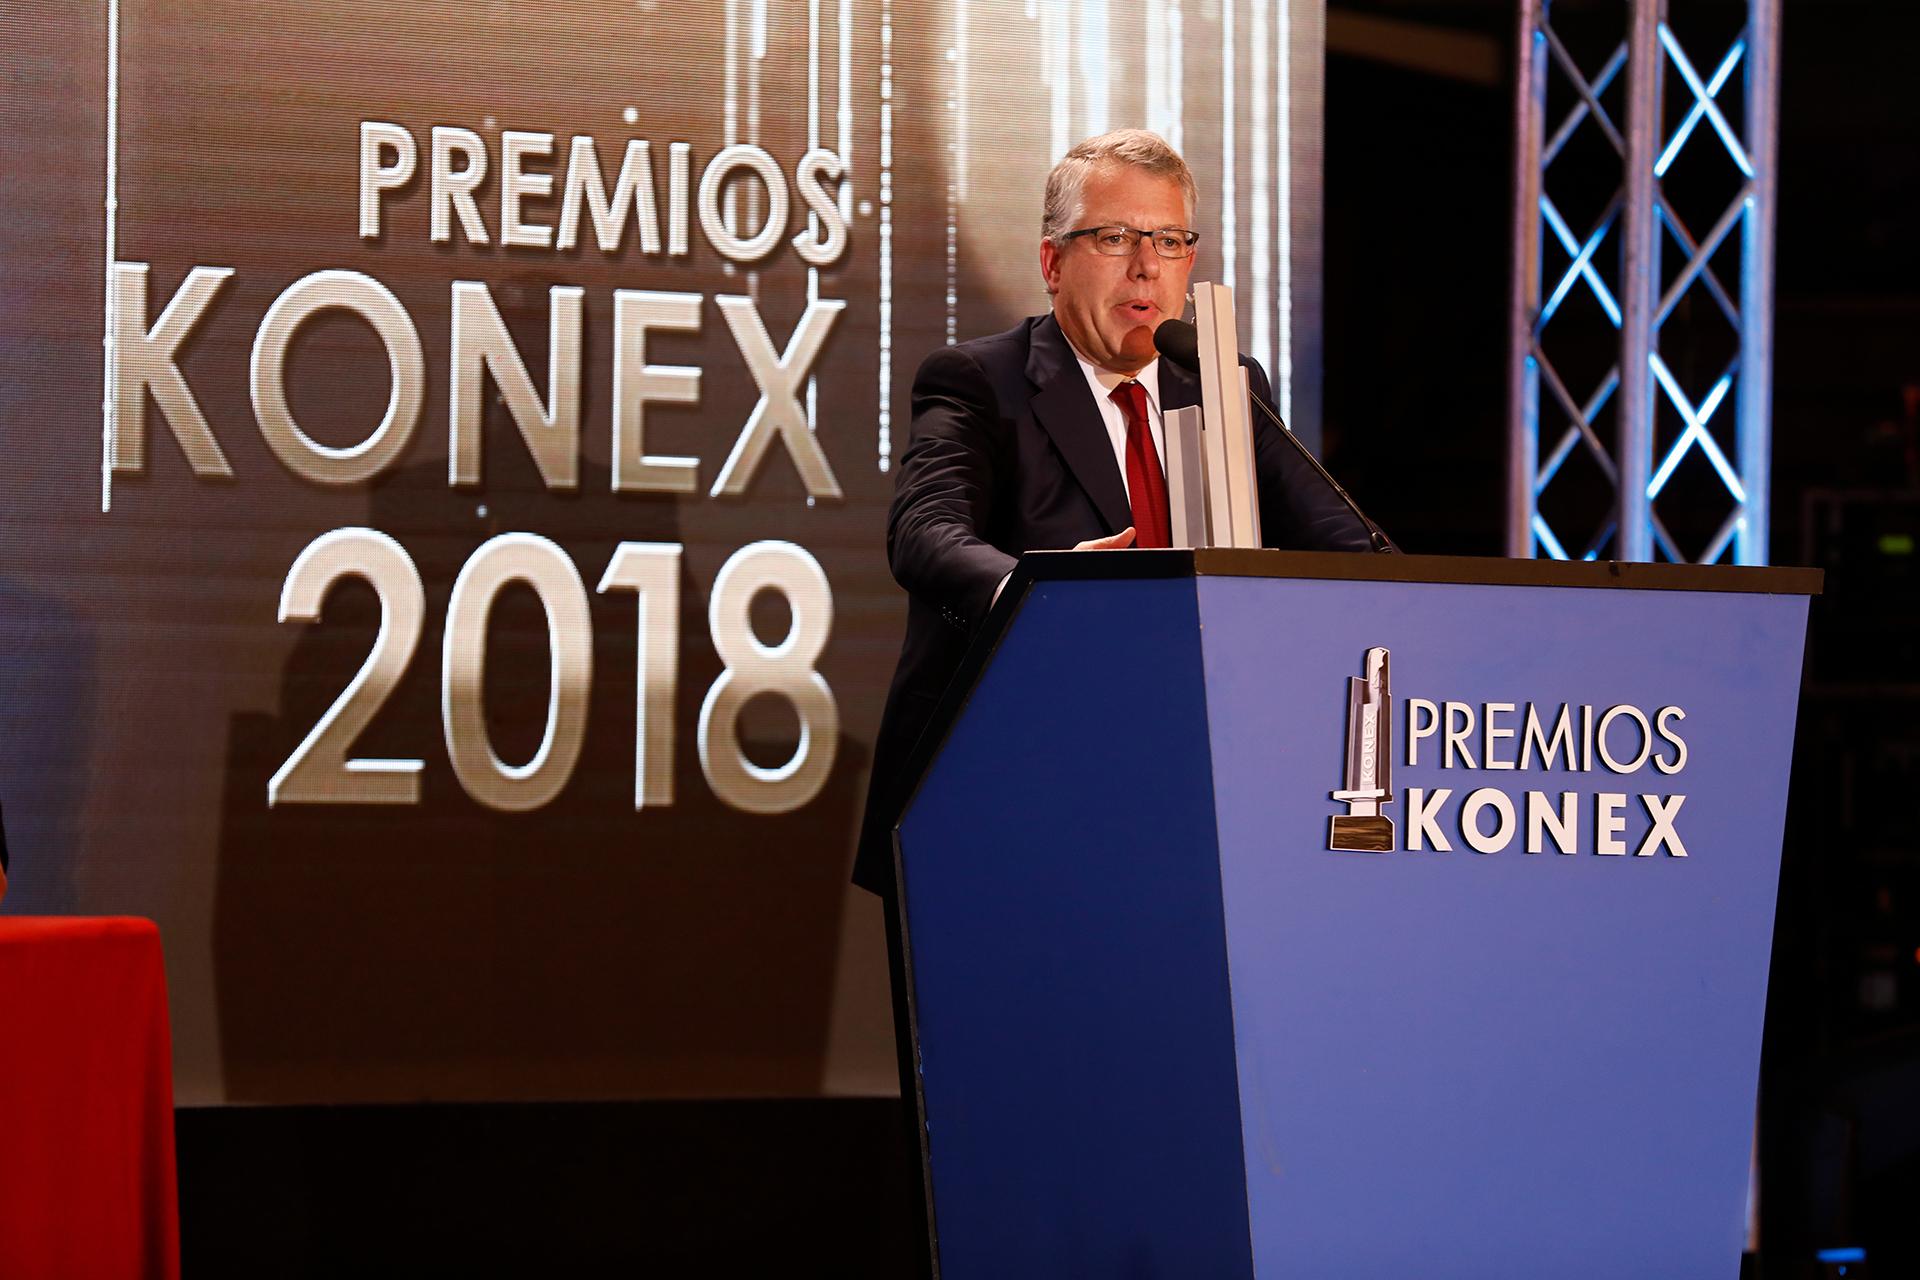 Sergio Kaufman: Konex de Platino – Ejecutivos del Comercio, de la Banca y de los Servicios